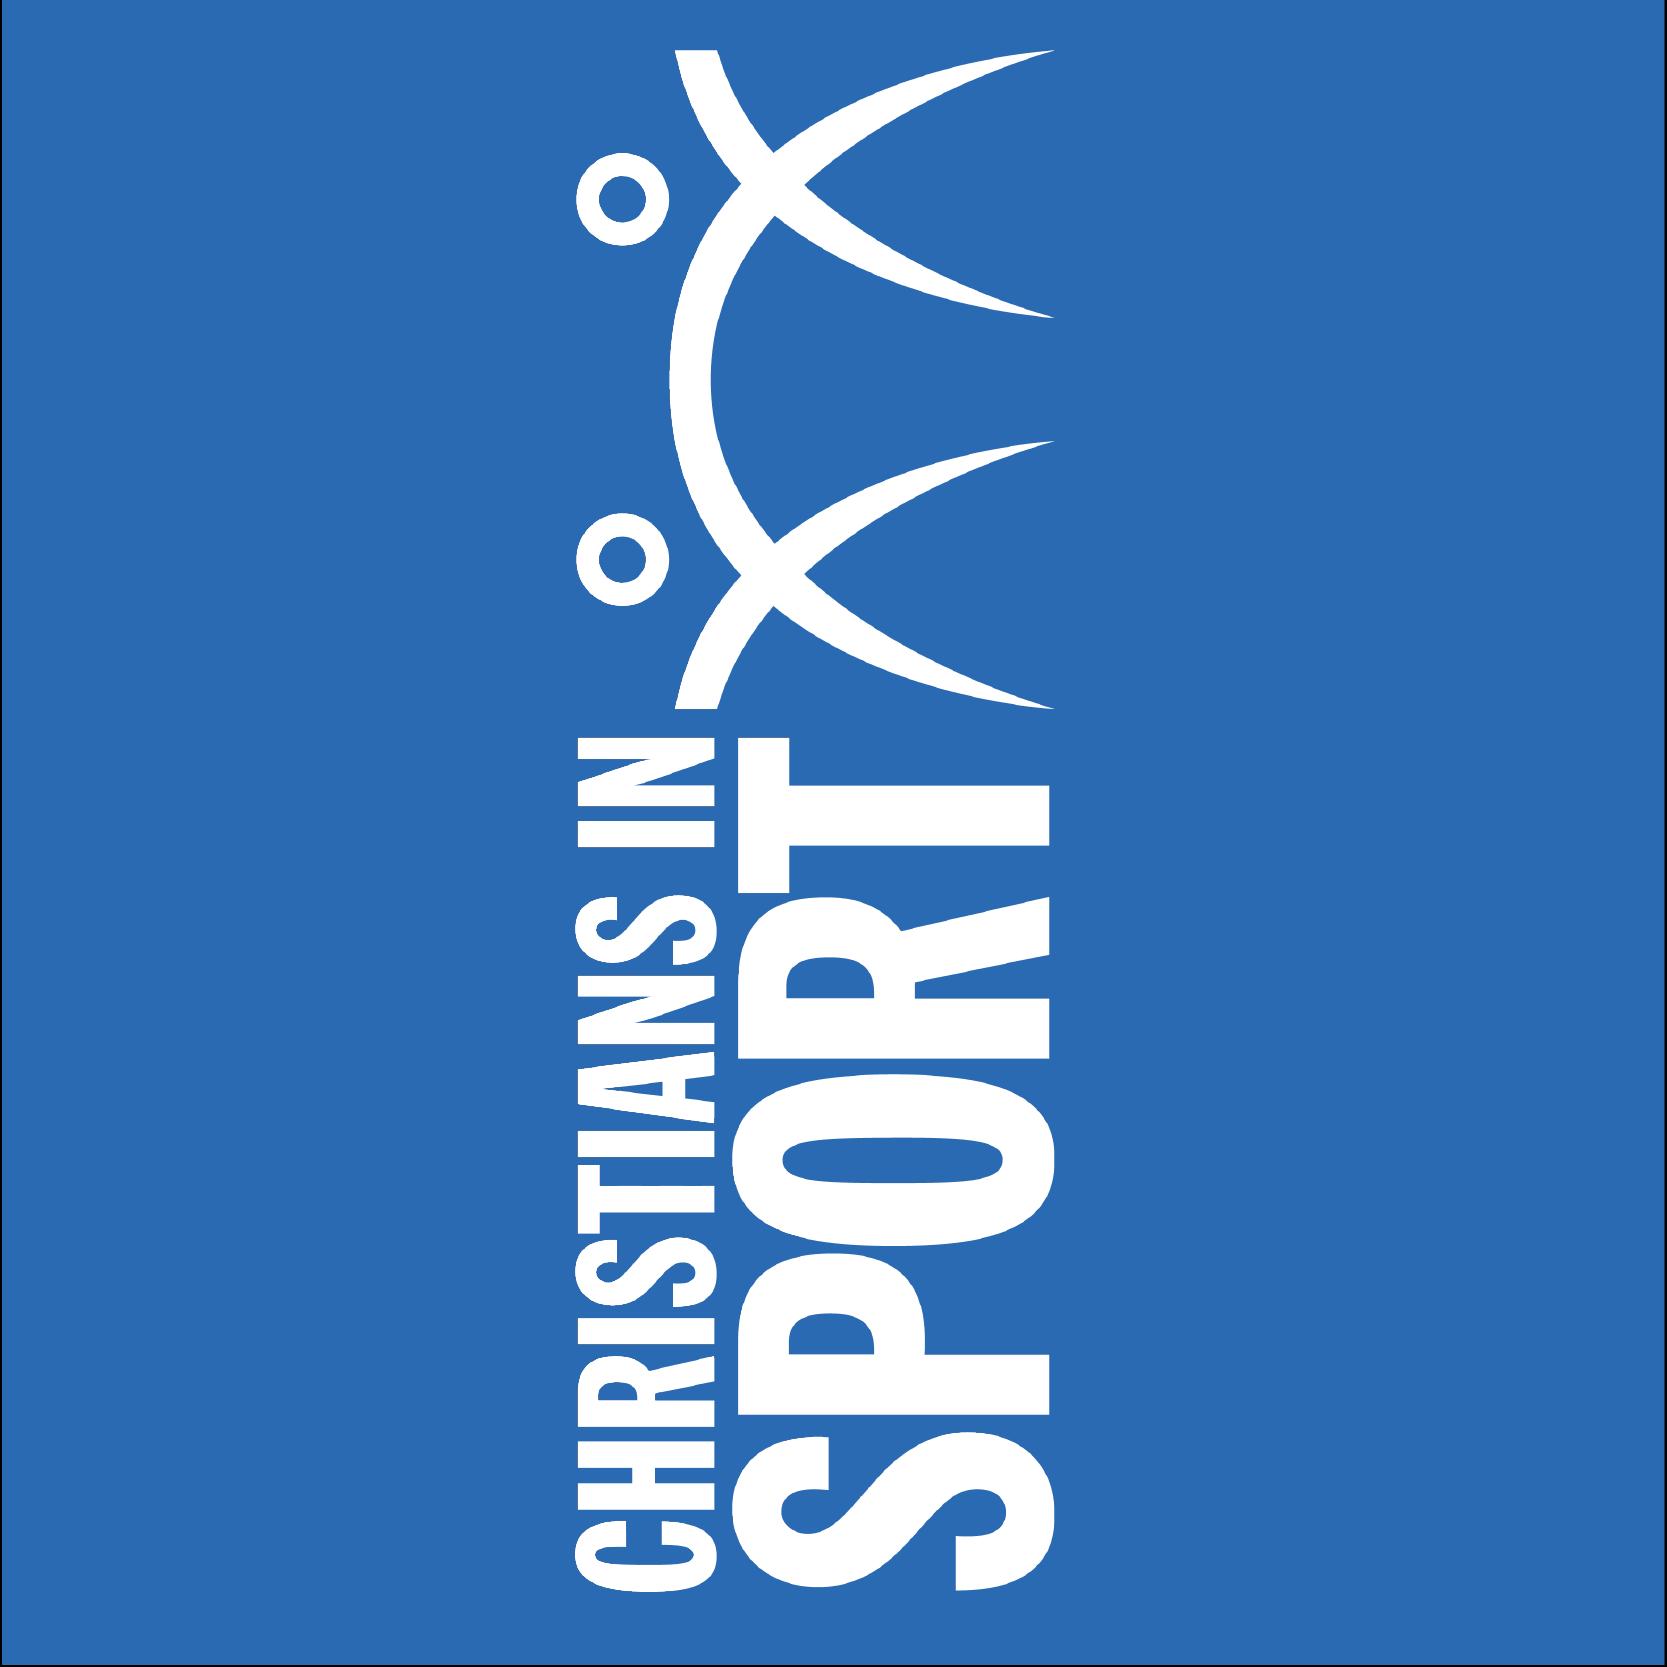 Christians in sport e1490263616223